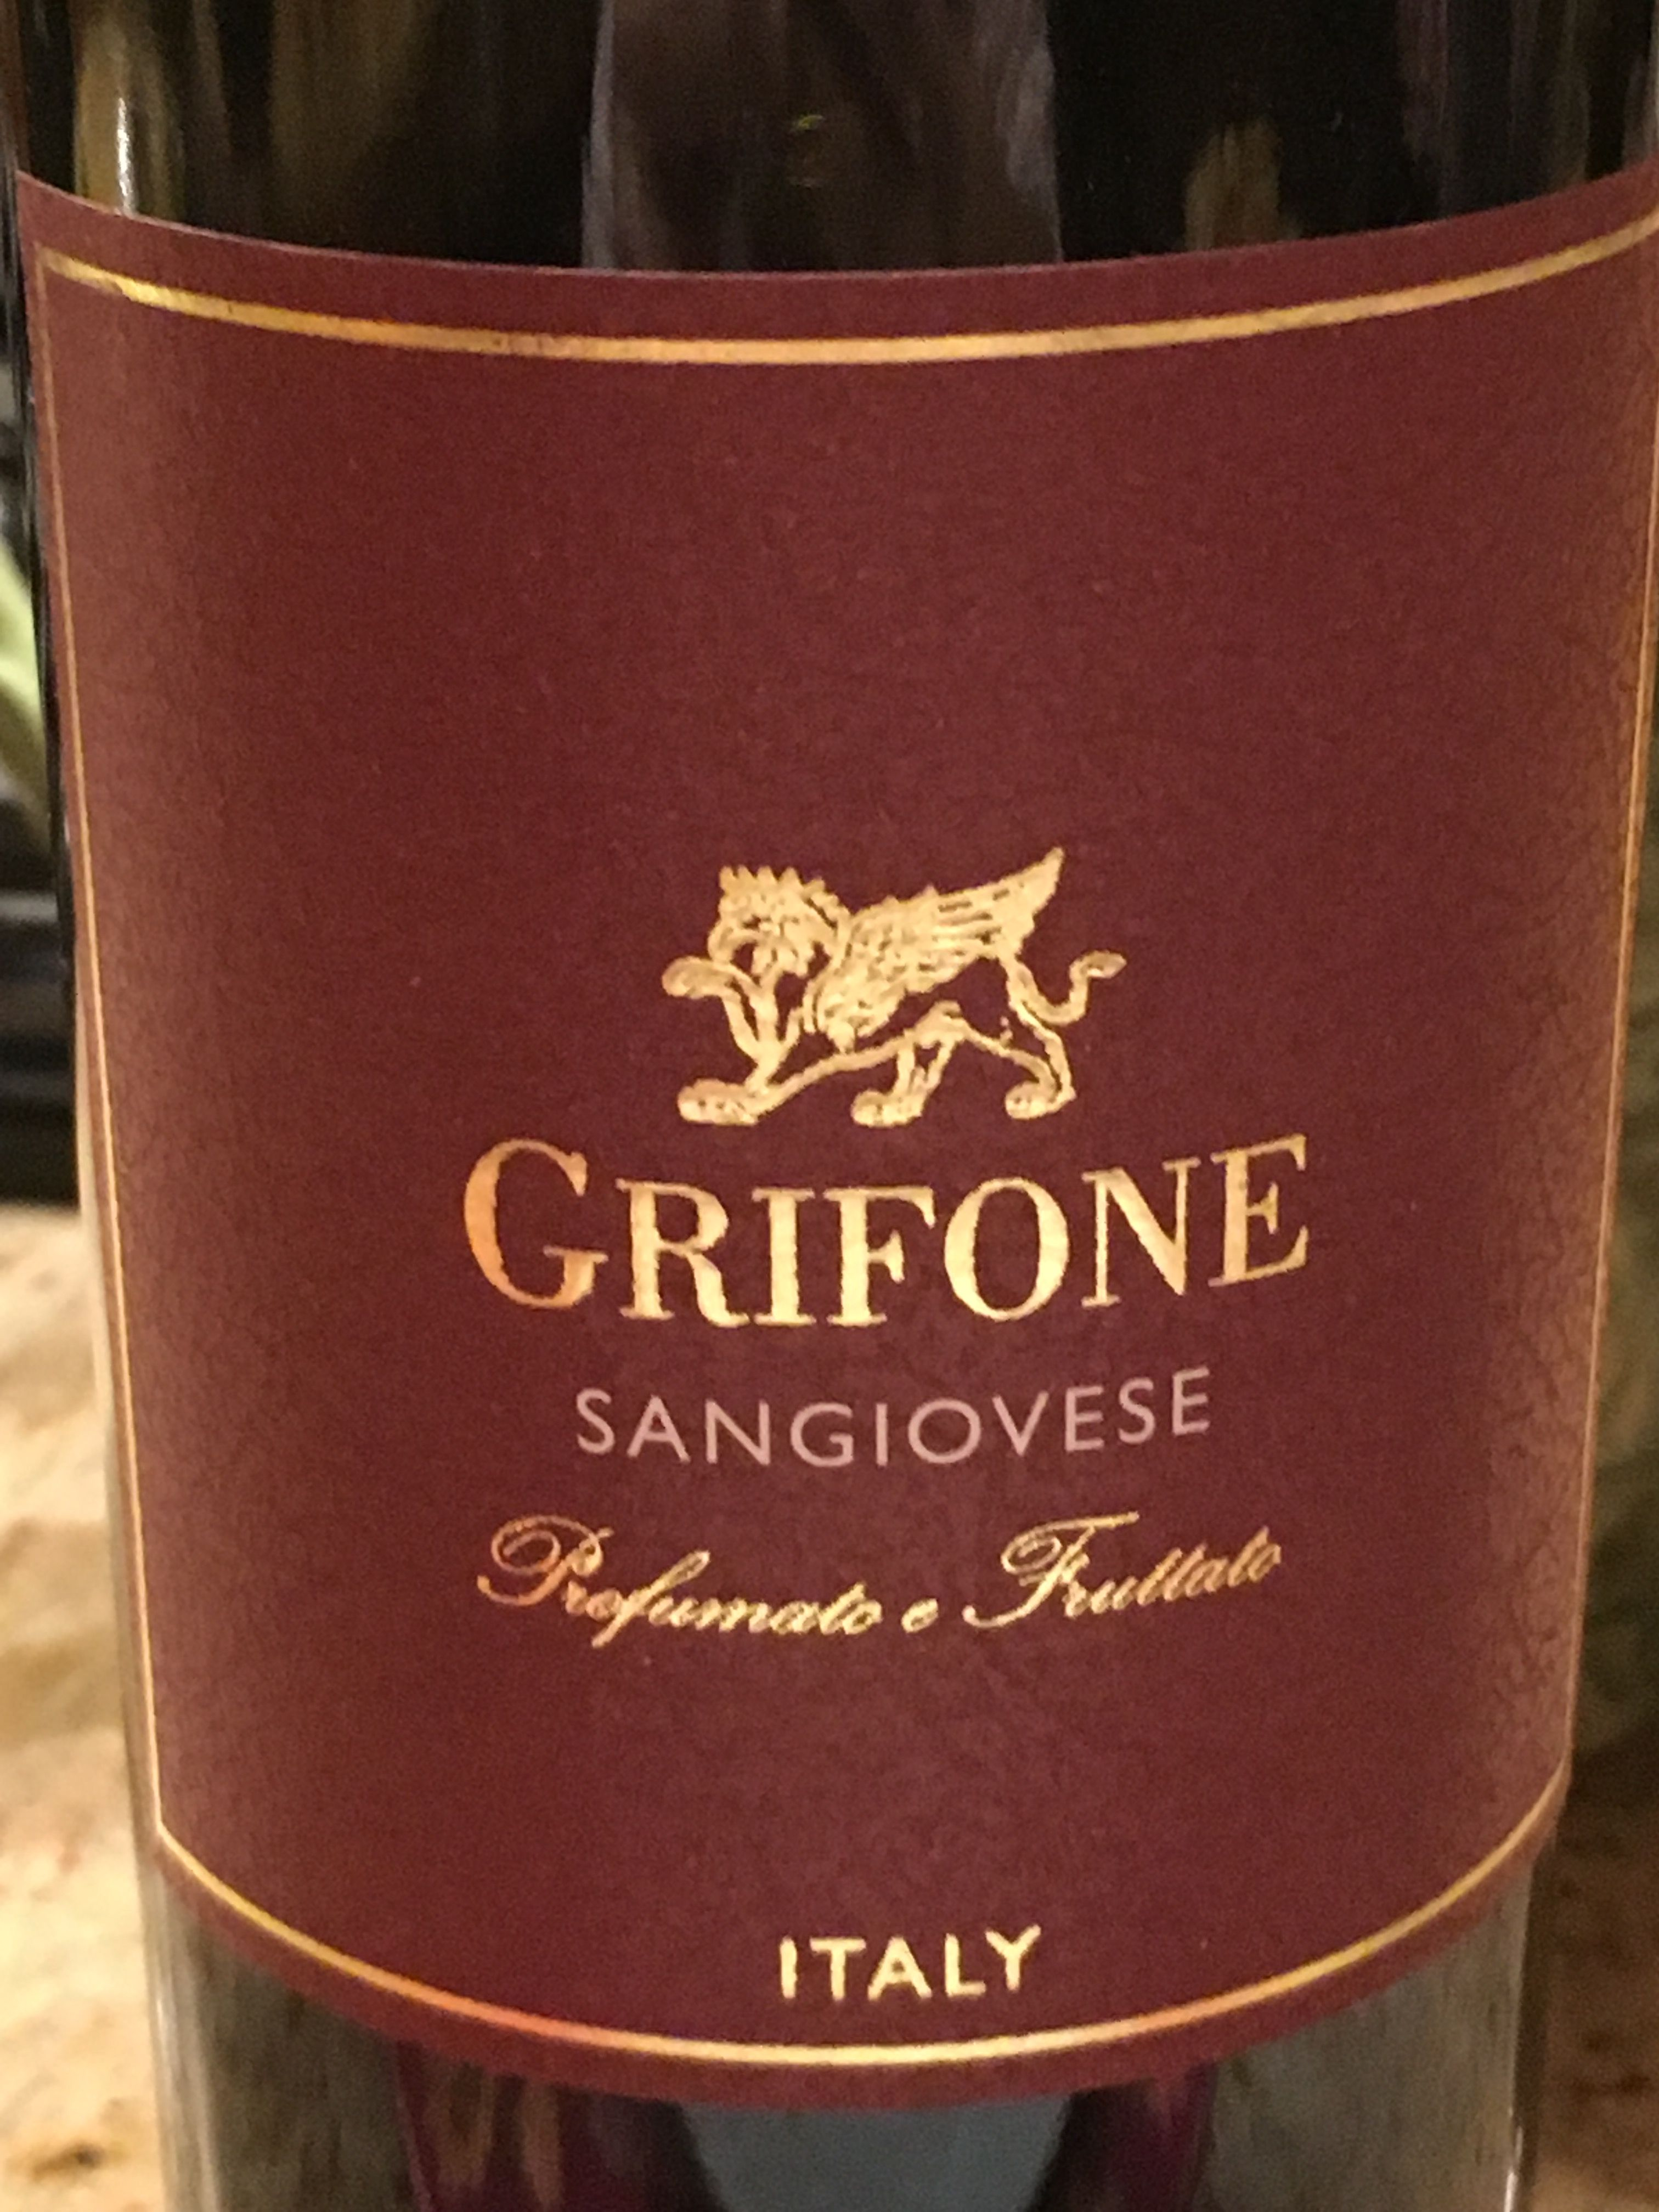 Grifone Sangiovese Profumato E Fruttato From Puglia Italian Wine Wines Cheap Wine